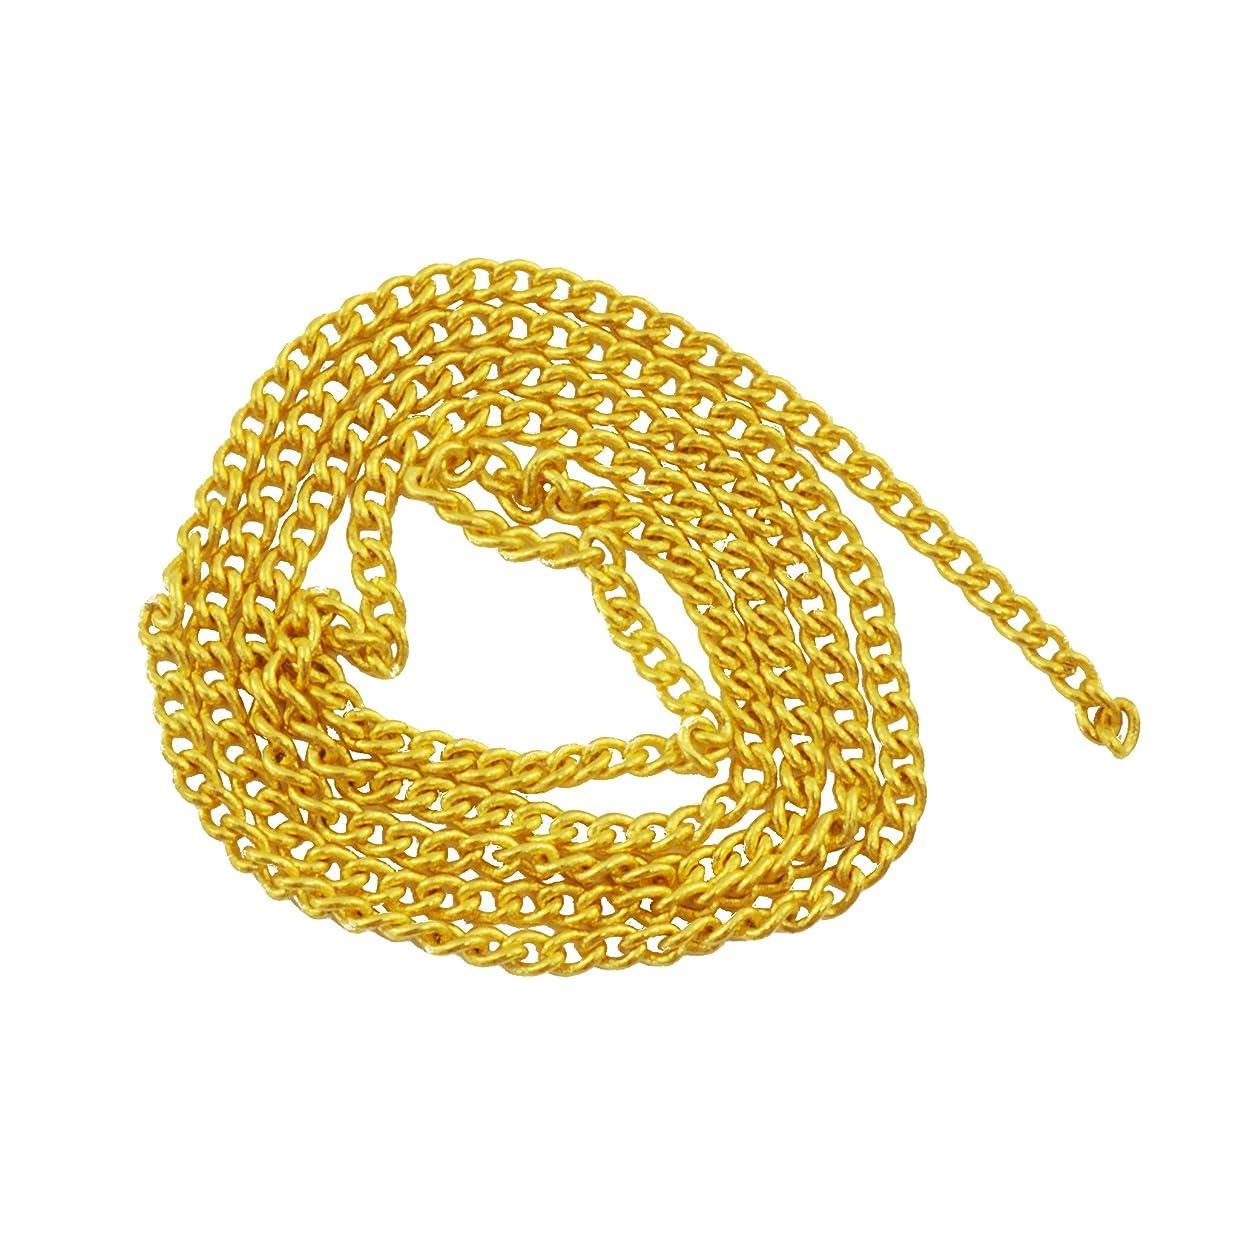 哲学者差評論家ネイルパーツ ネイルチェーン 20cm ゴールド 金 デコパーツ